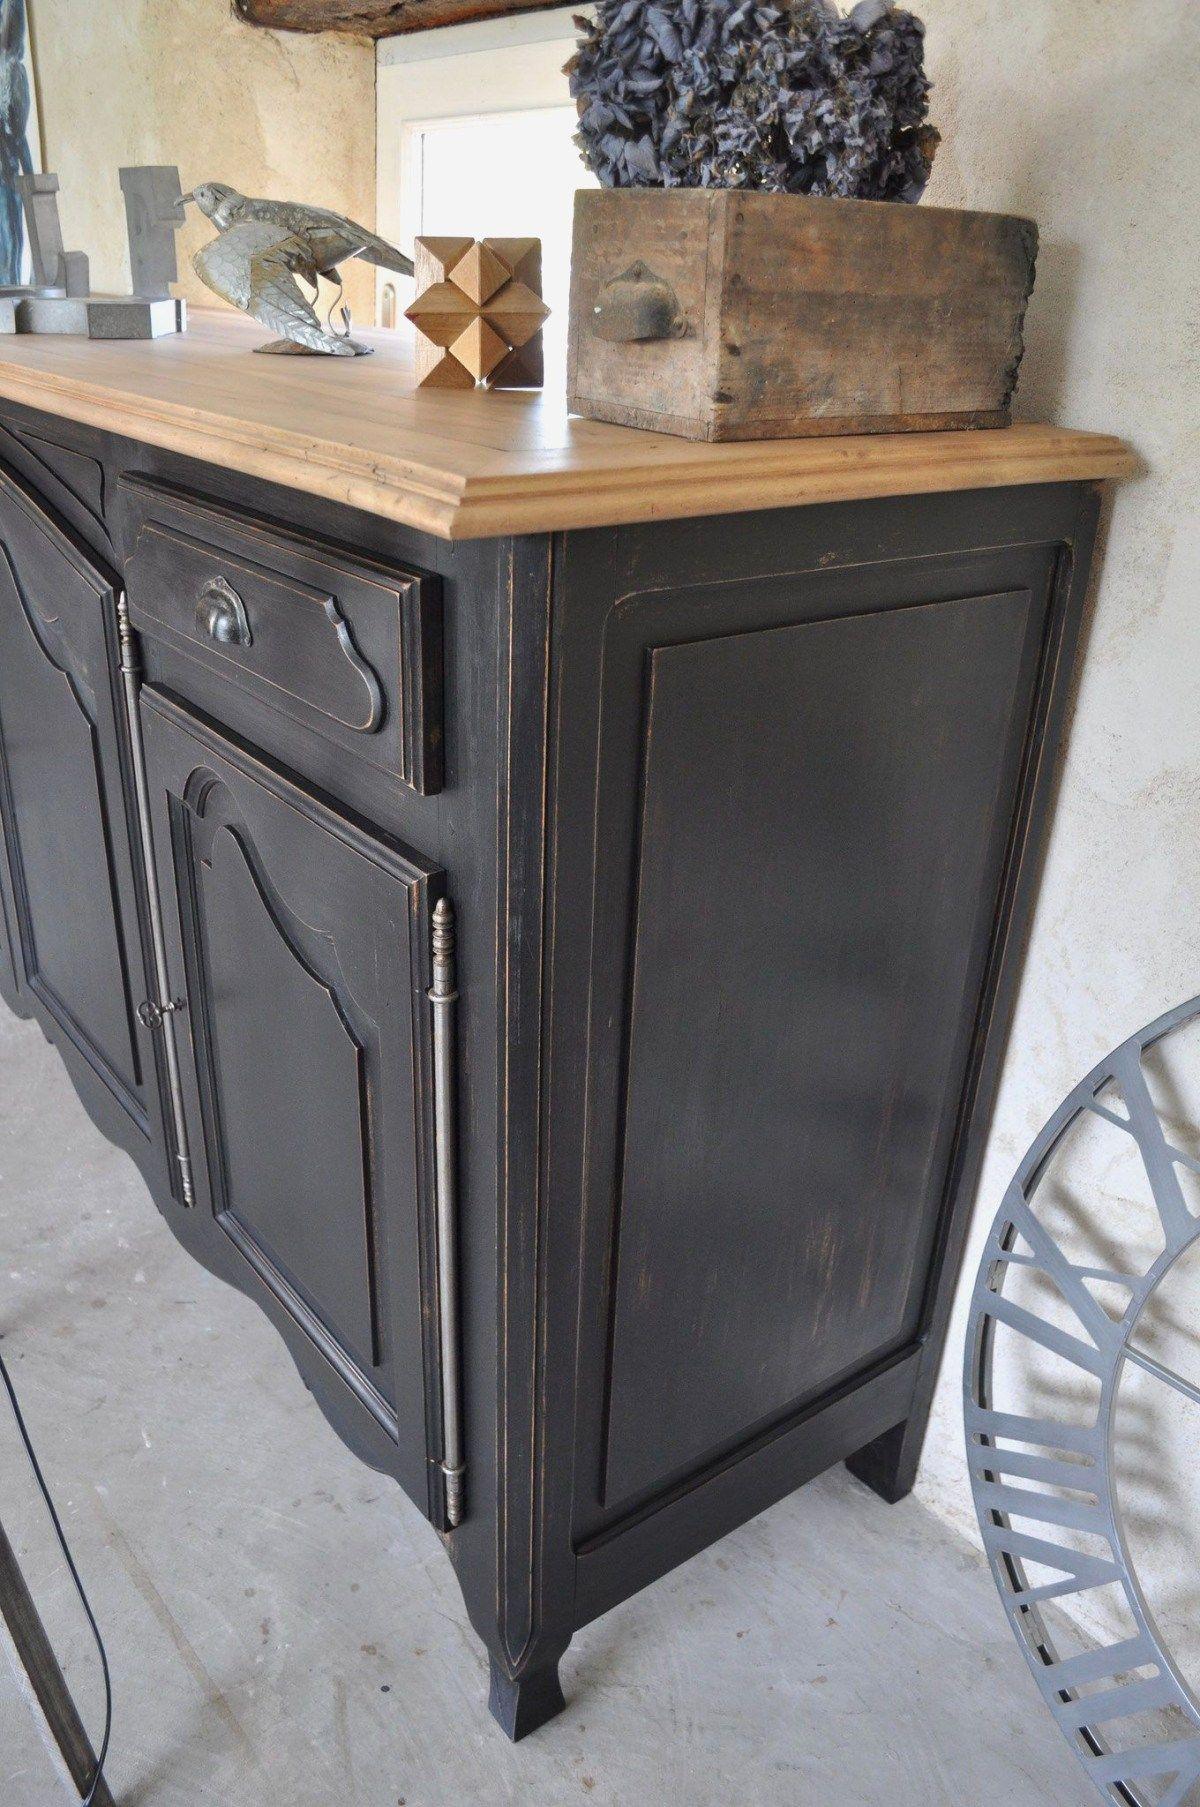 Elegant Le Bon Coin Ameublement Bretagne | Painted Furniture pour Buffet Bas Ancien Le Bon Coin